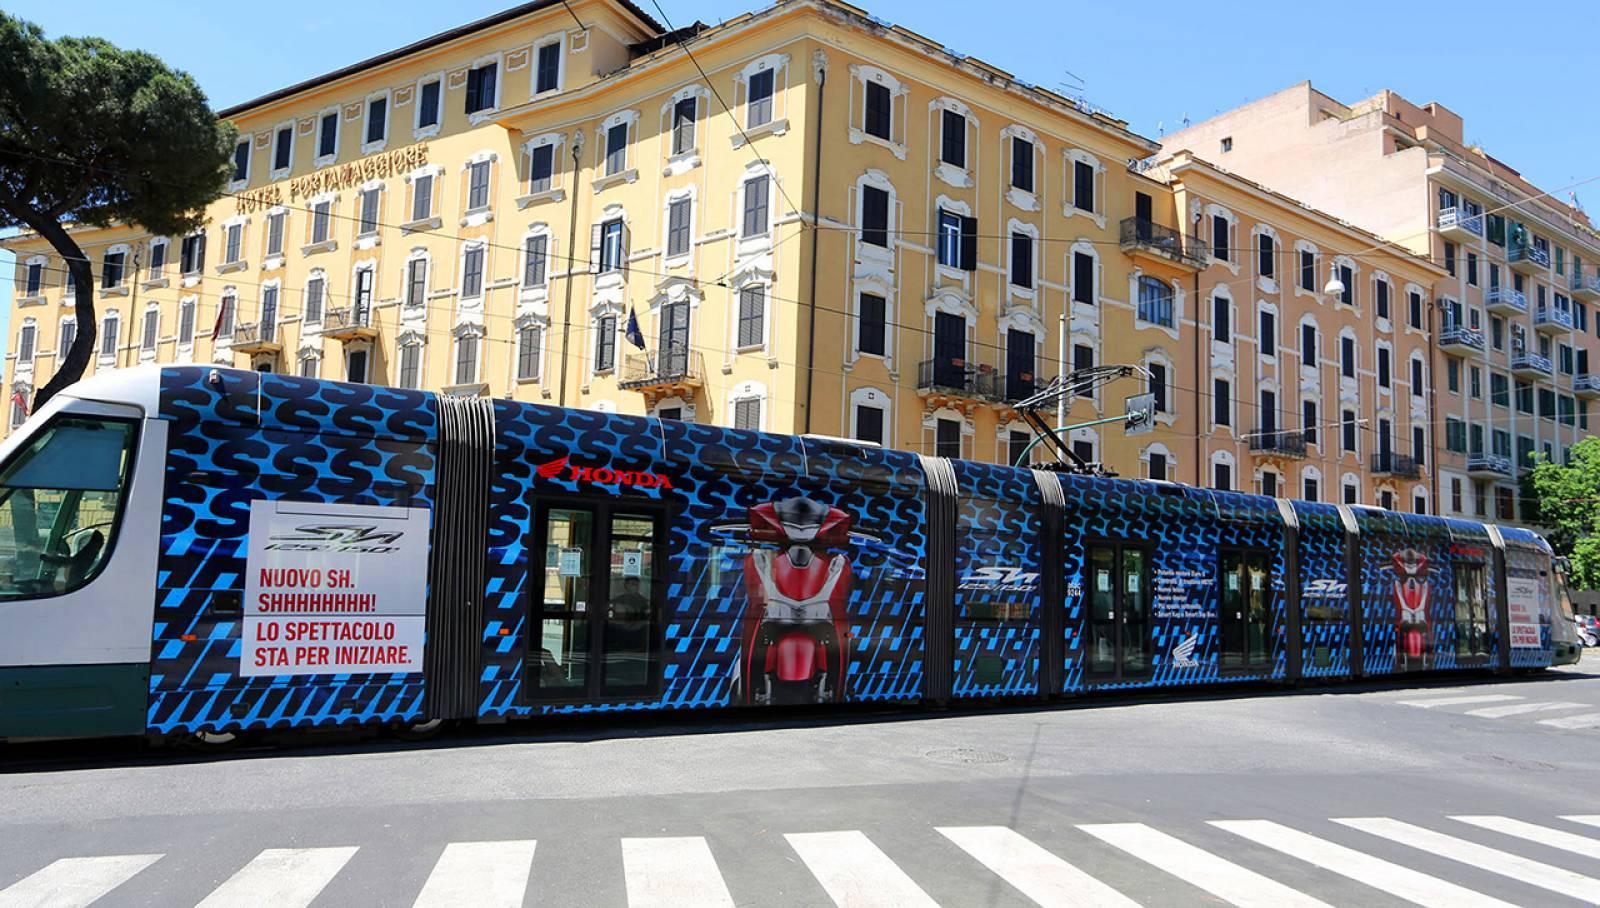 Pubblicità su tram IGPDecaux a Roma Full-Wrap eurotram per Honda